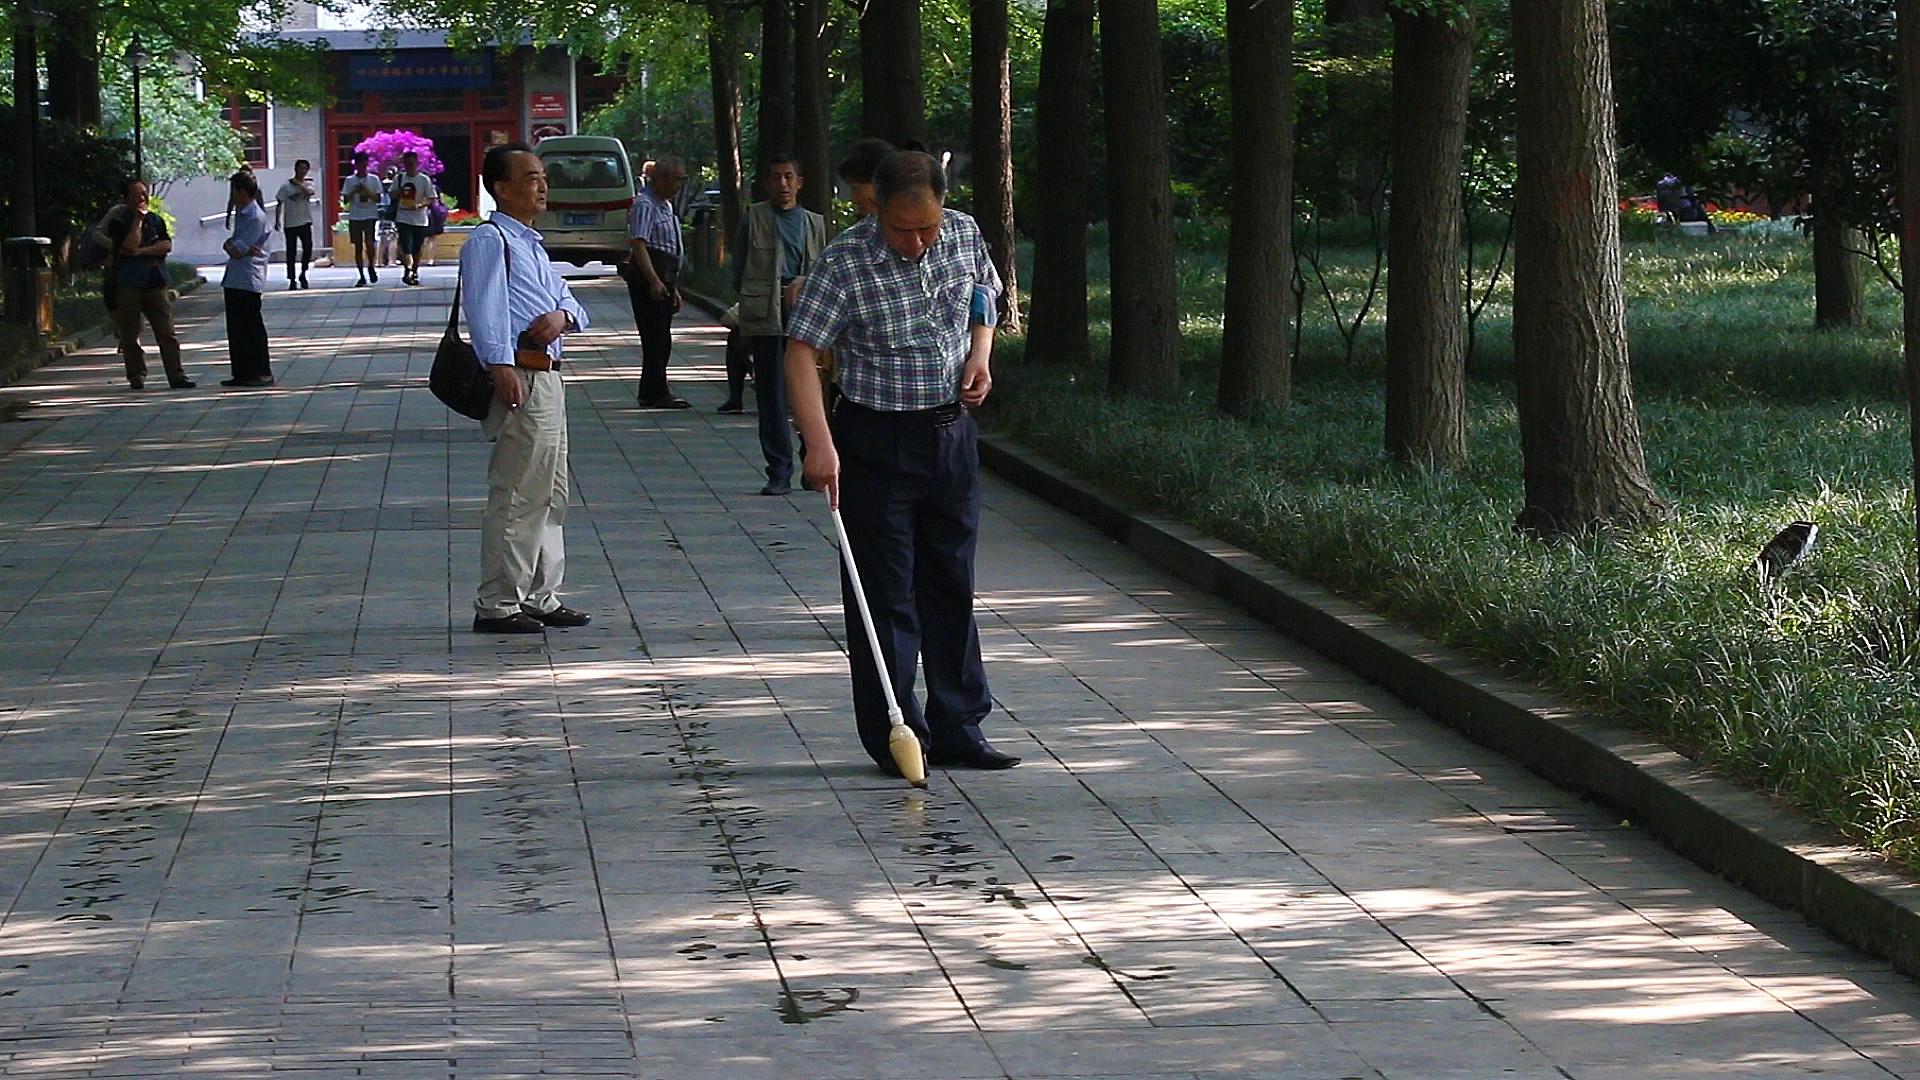 Chine, Sichuan, Chengdu, parc du peuple